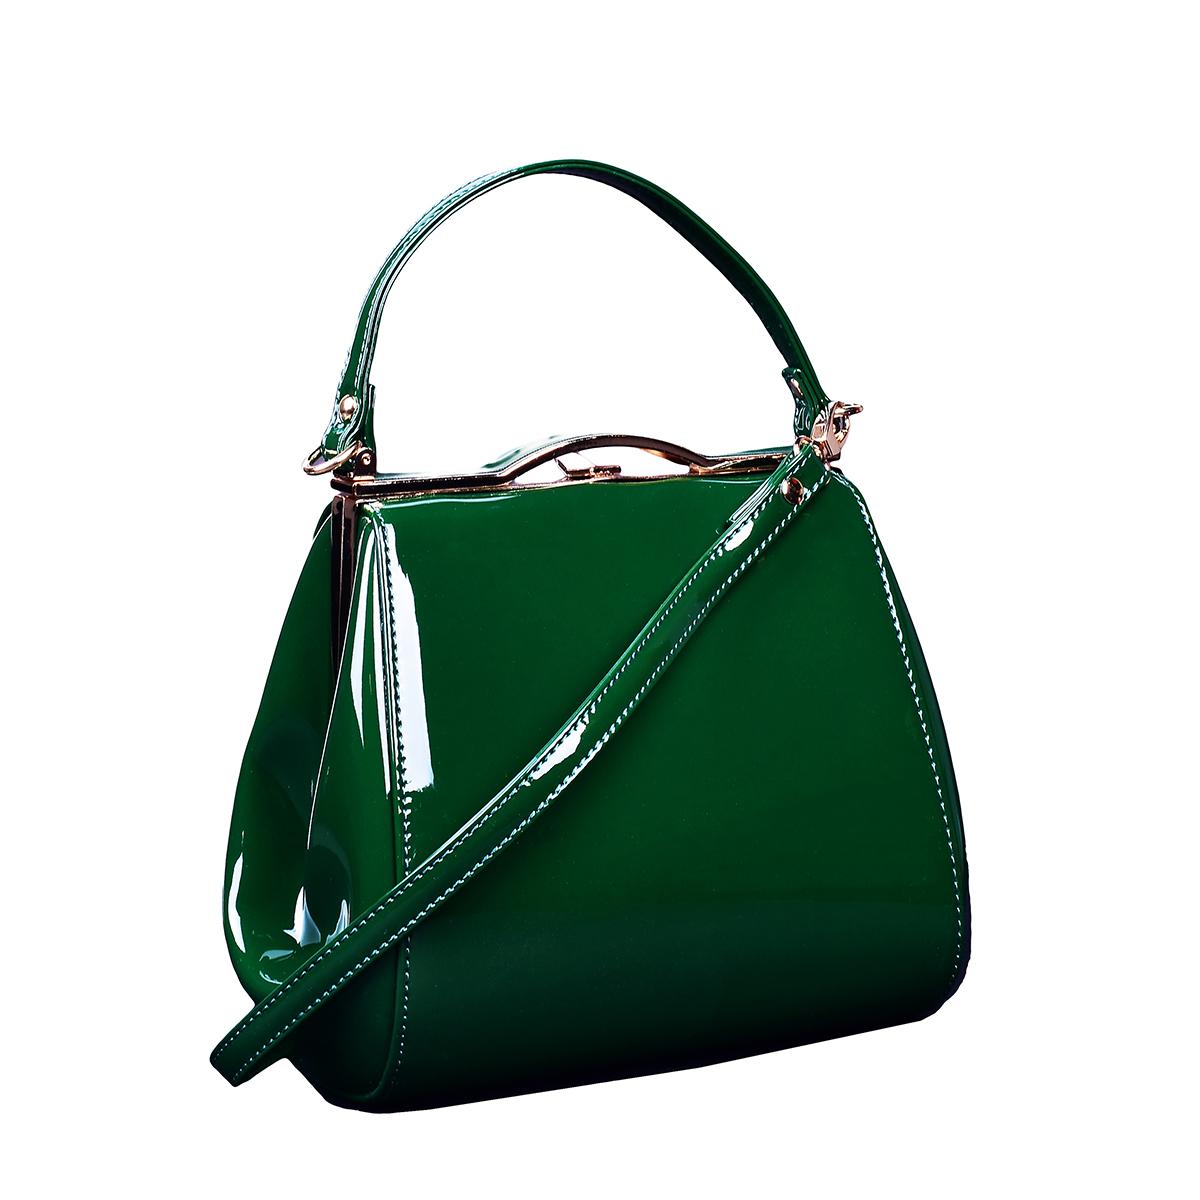 никак зеленая сумка женская картинки прогуляться